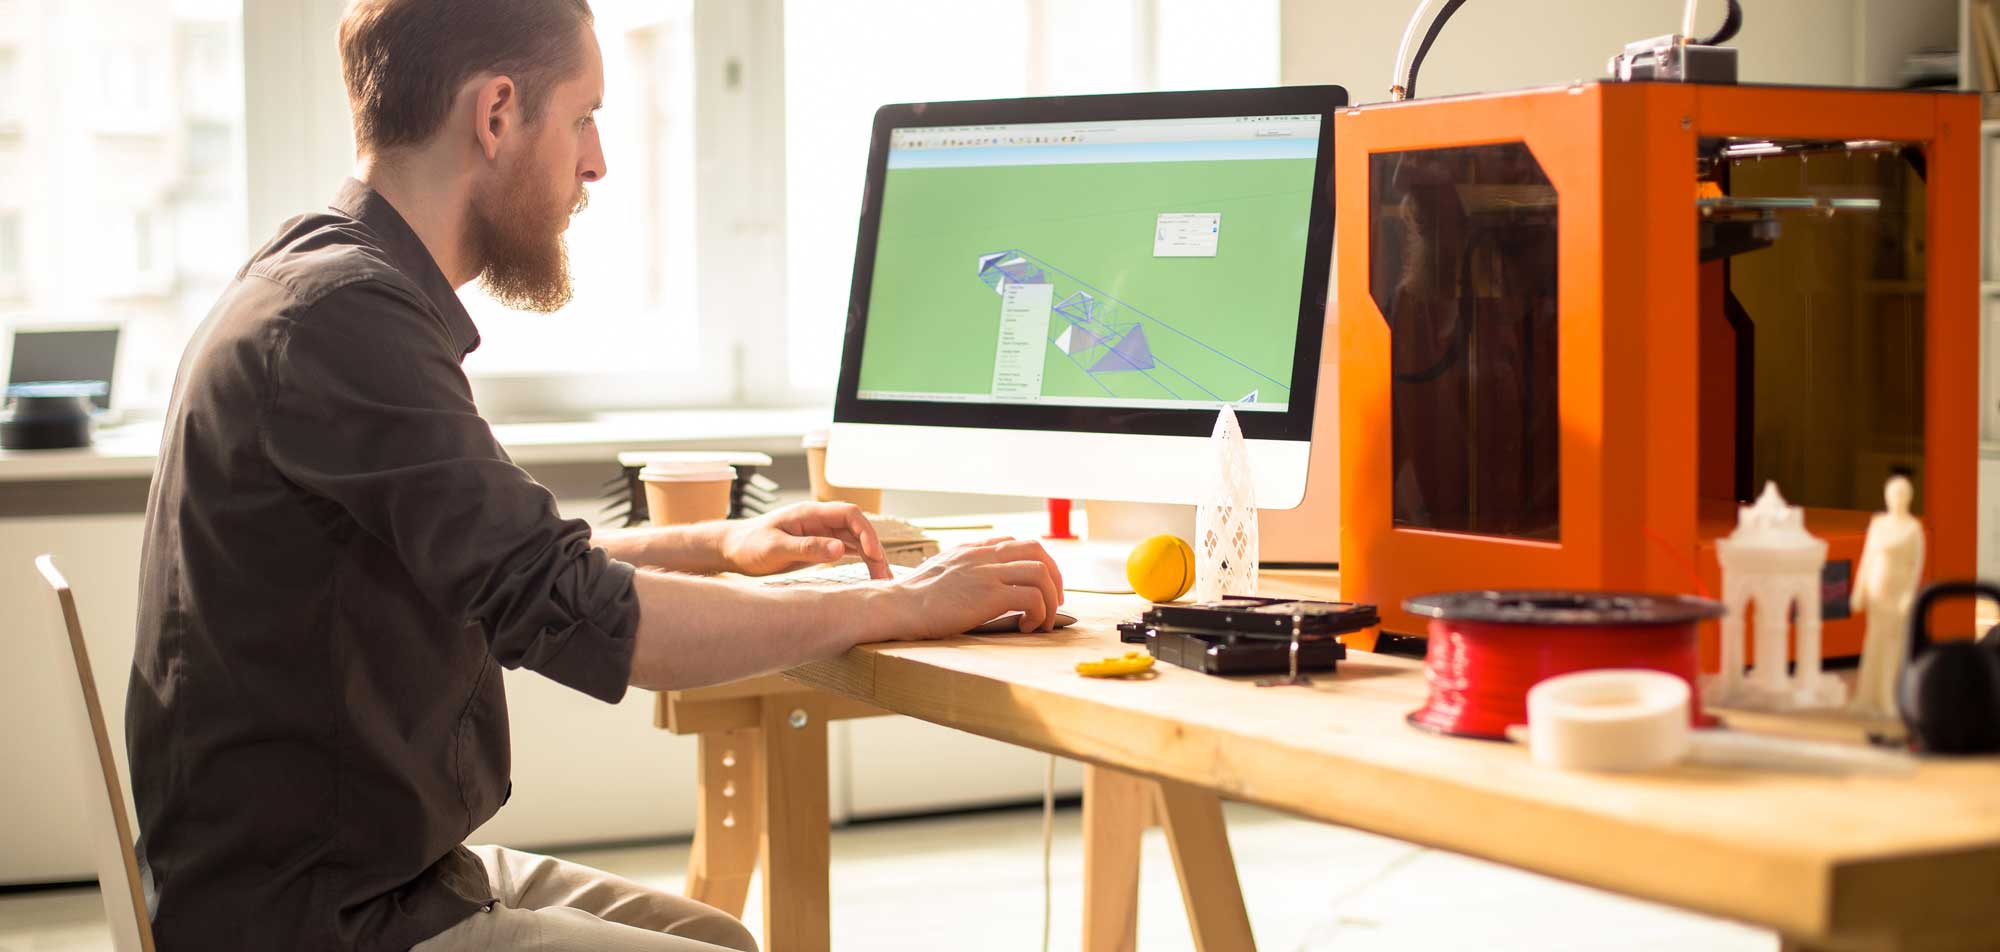 Справа — FDM 3D принтер, катушка с материалом и пара 3D распечатков